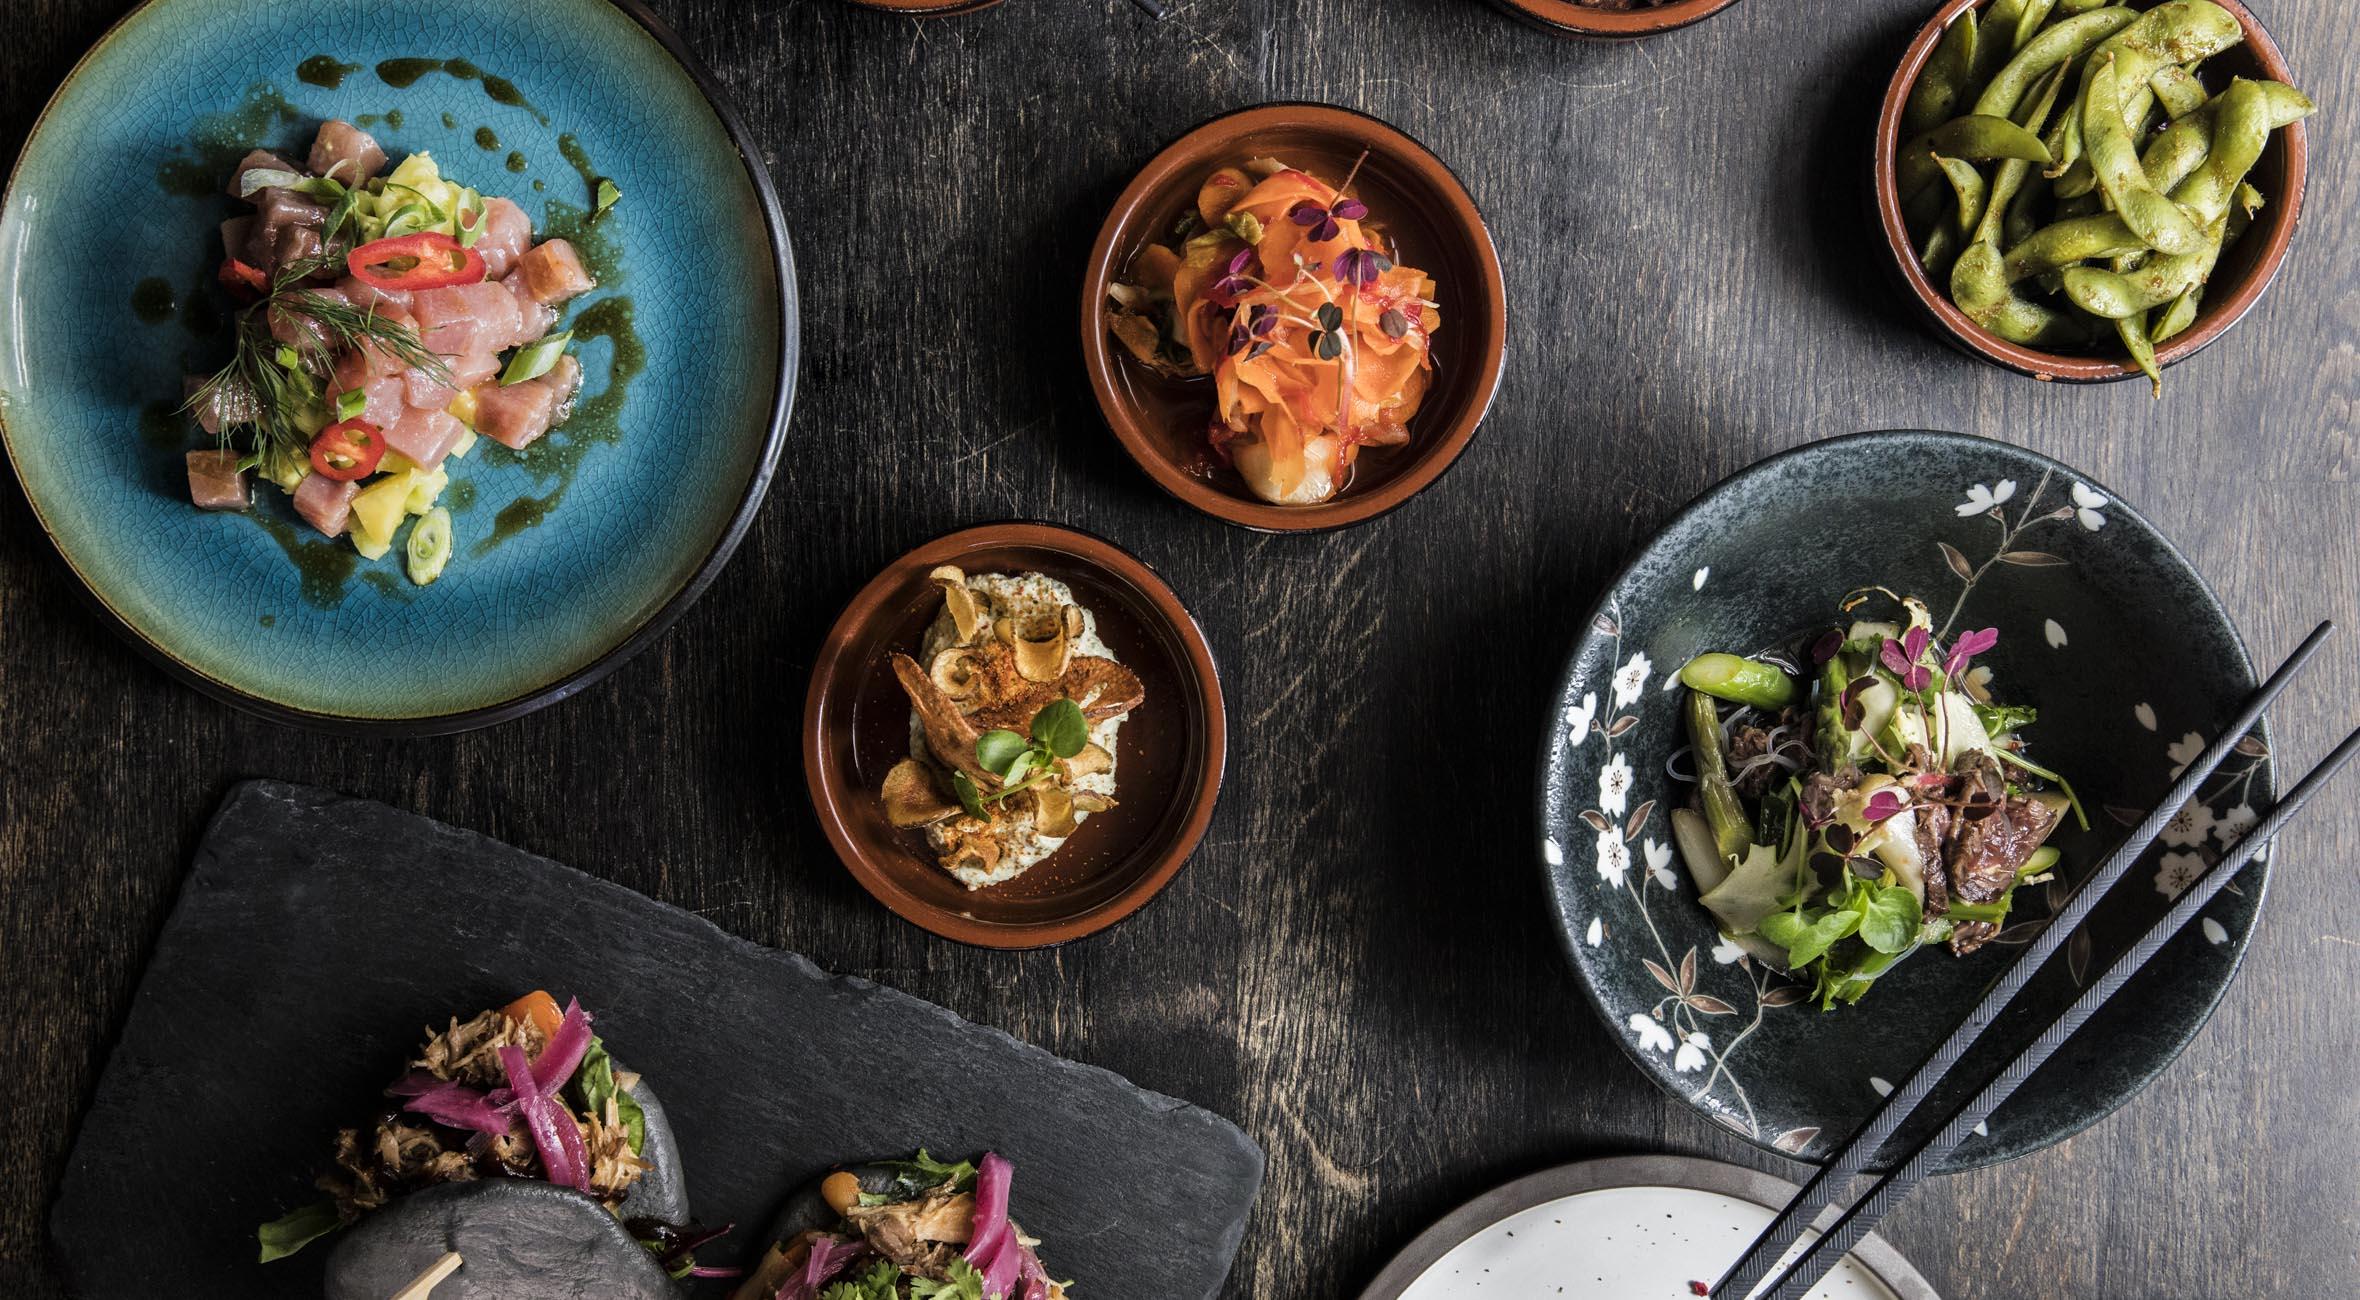 5-retters menu hos Kung Fu Izakaya på Nørrebro – Anerkendt kok har overtaget køkkenet på japansk fusionsrestaurant